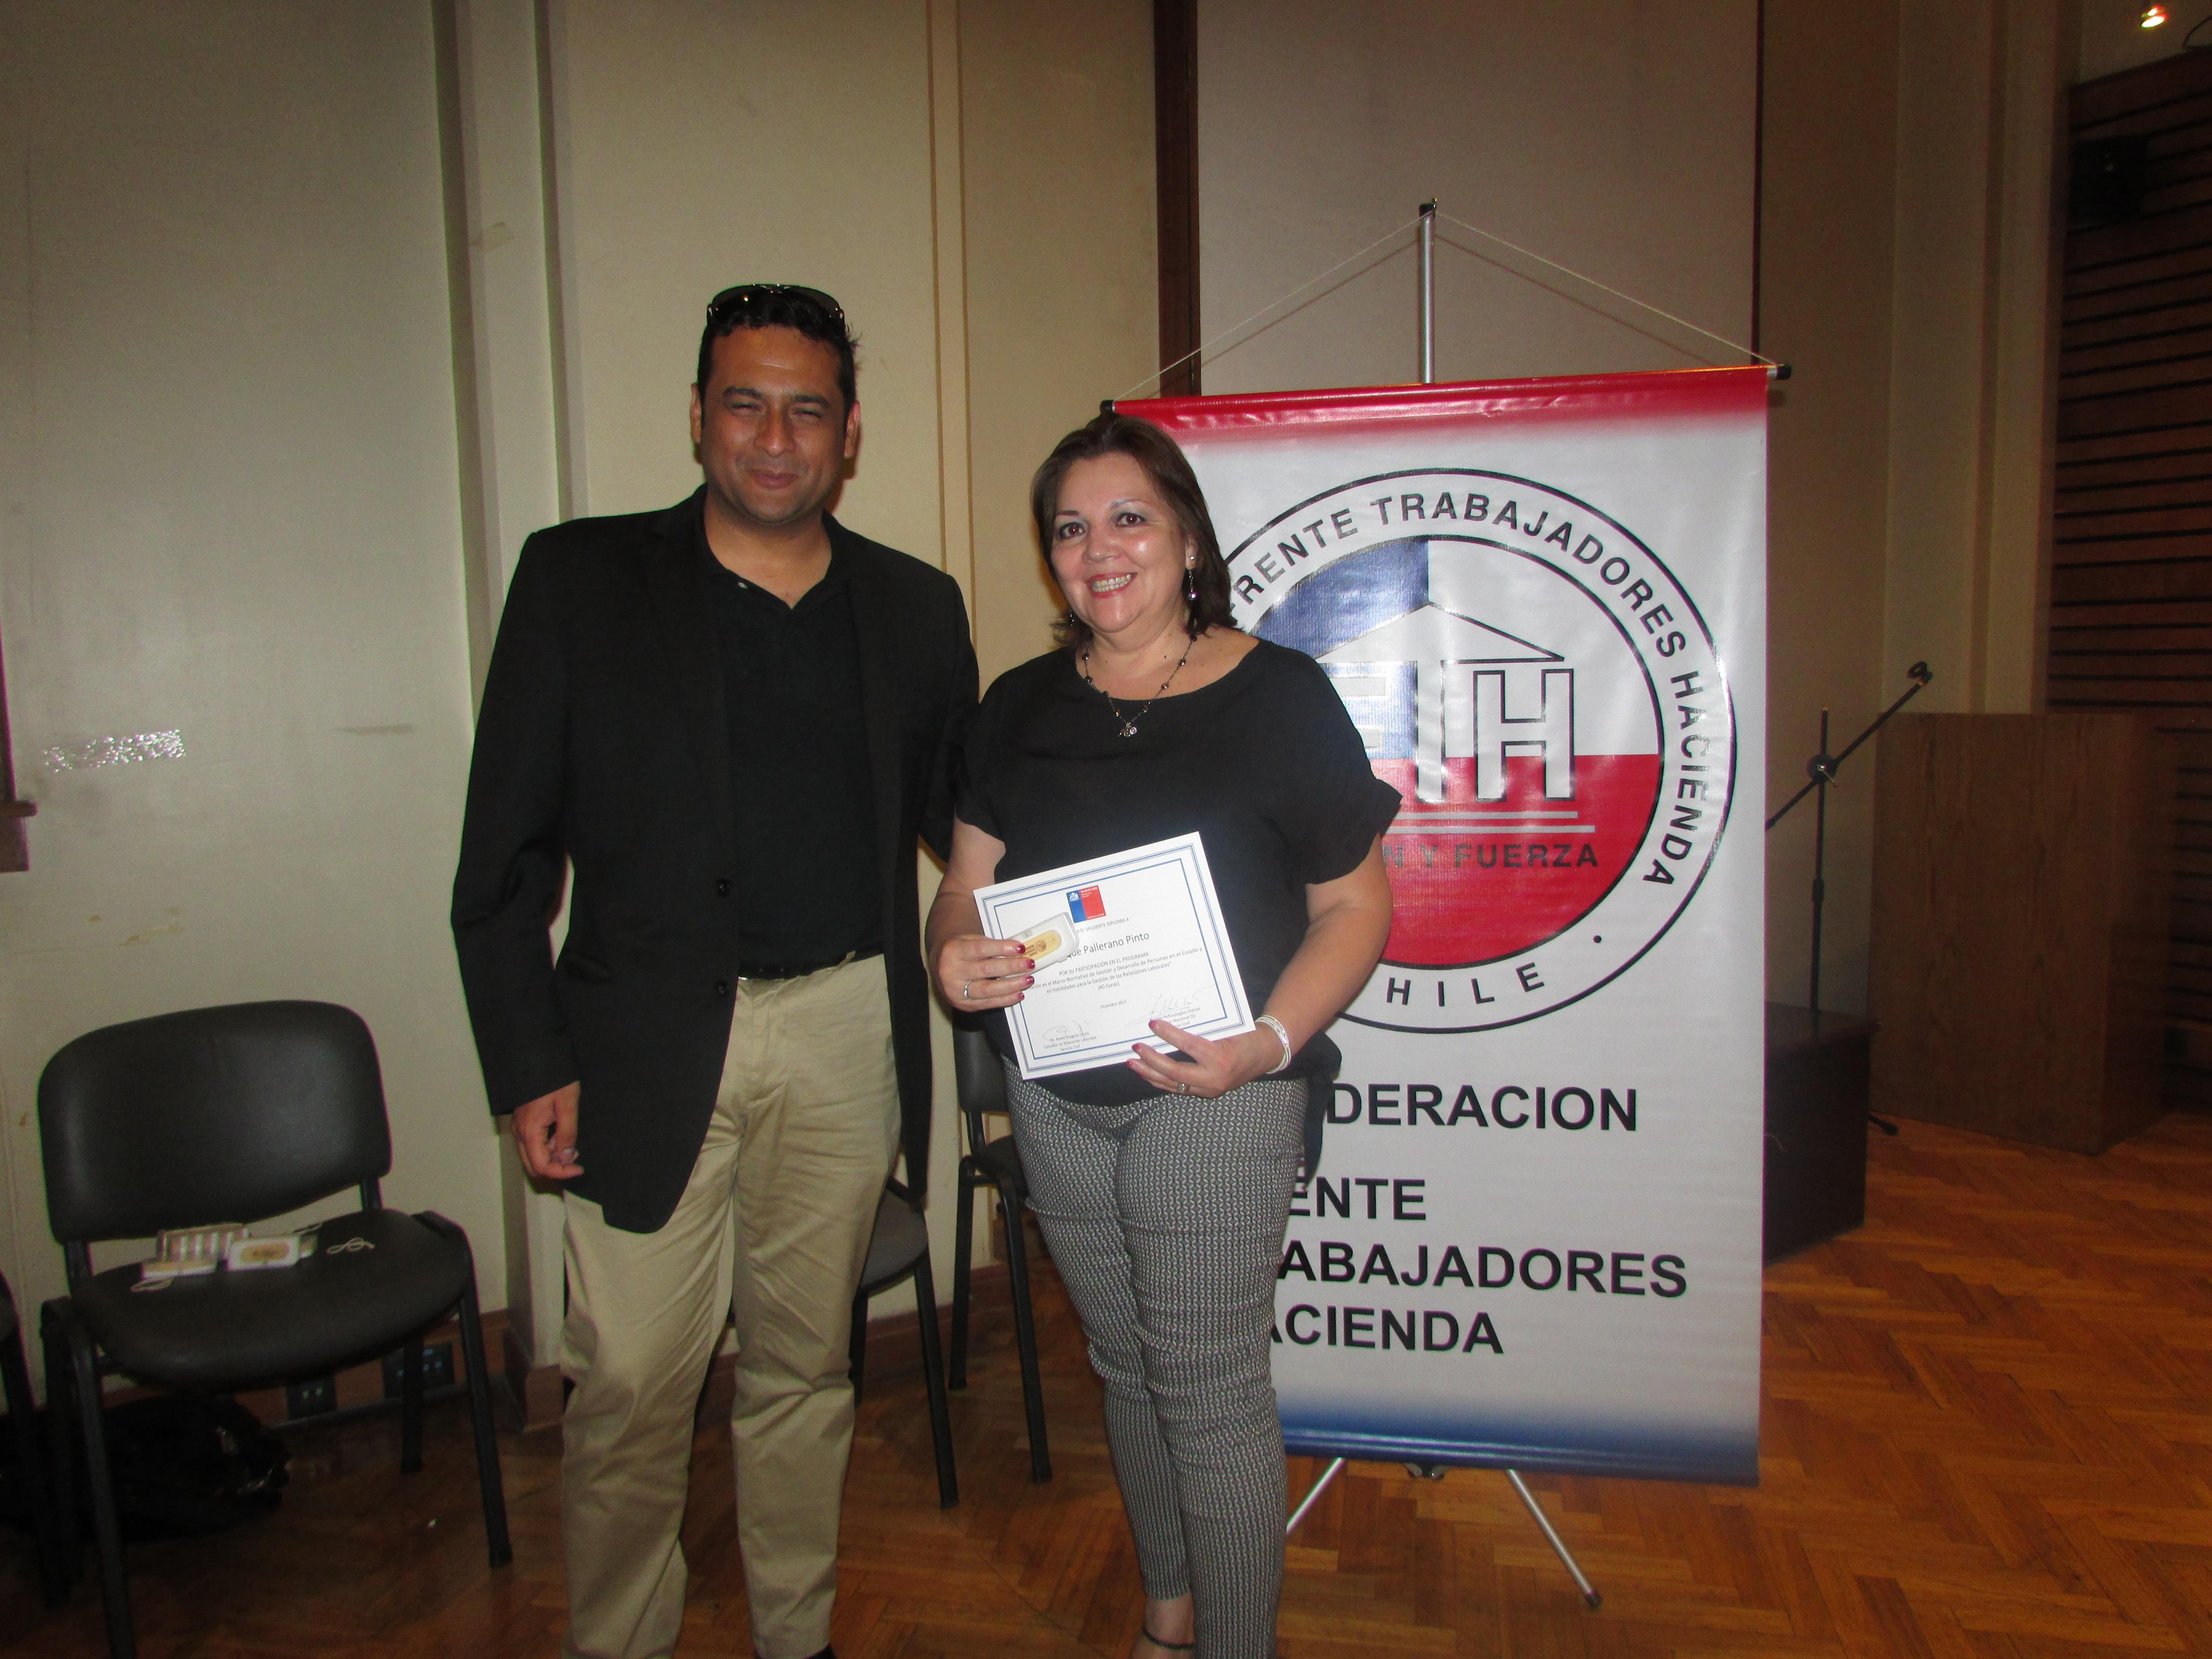 ANEC participa en Primera Escuela Sindical de la Federación de Hacienda, FTH - 14 Diciembre 2017